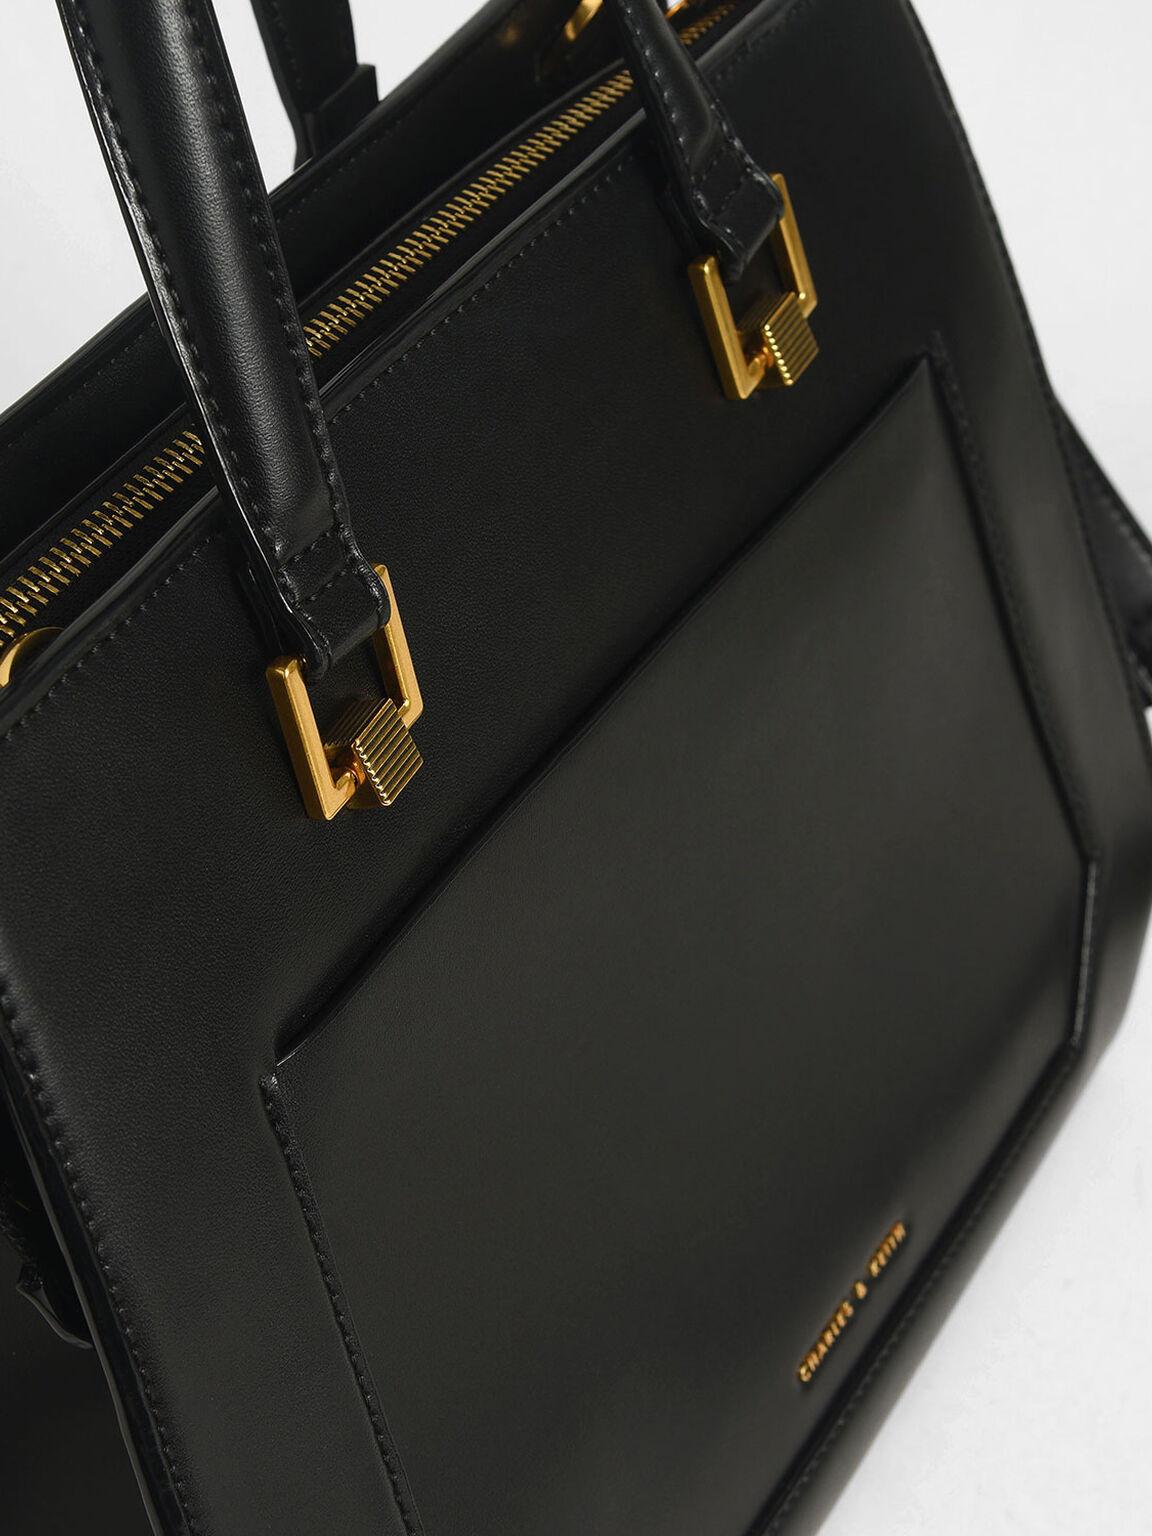 Structured Tote Bag, Black, hi-res